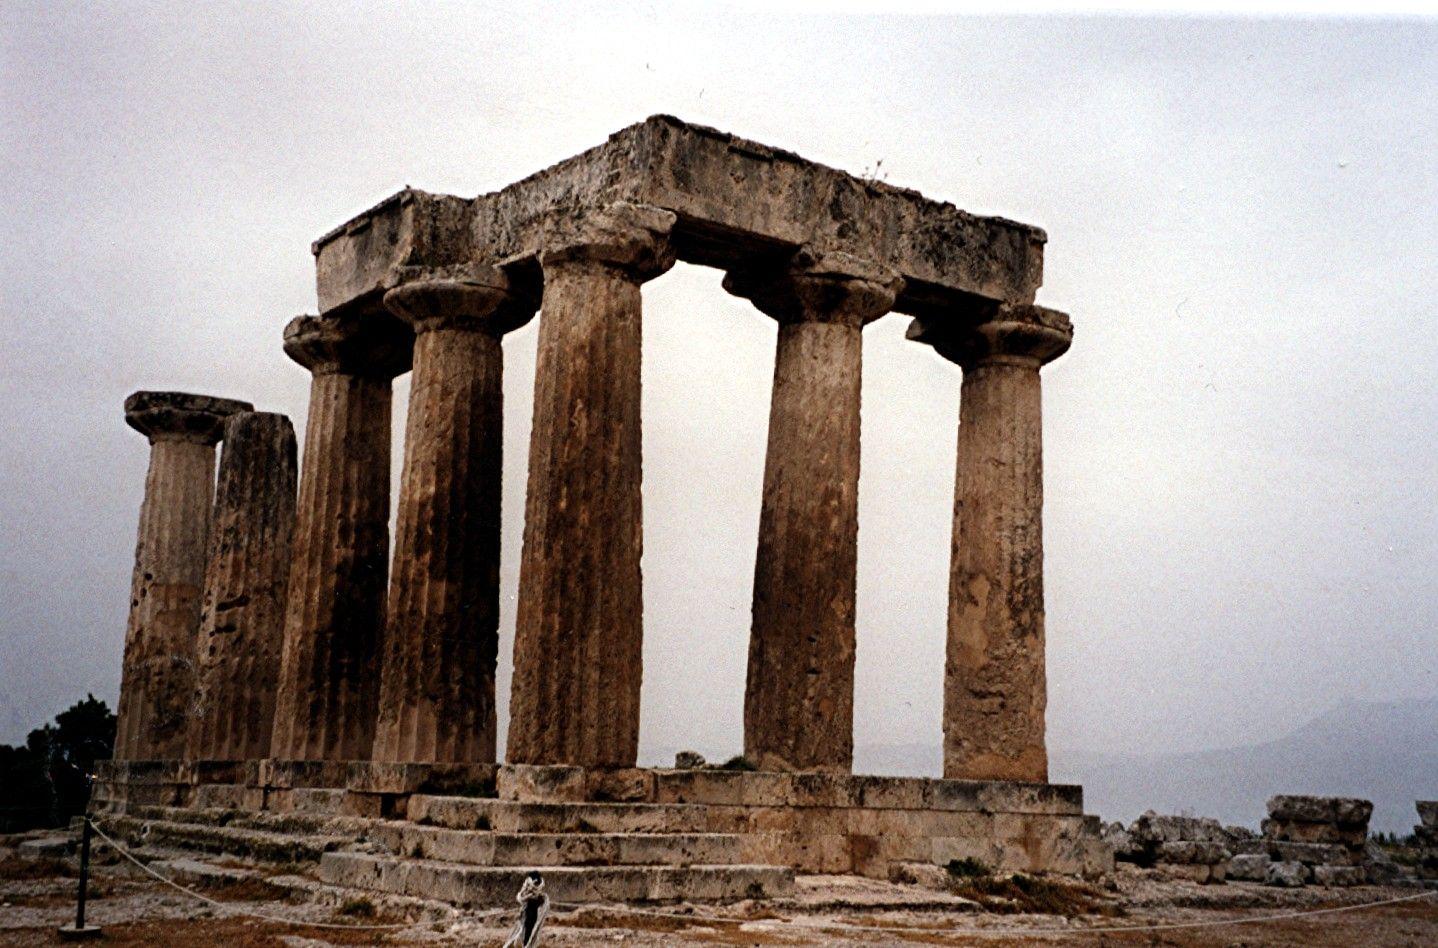 Templo de Apolo, en Corinto. Erigido en torno al 540 a.C. De orden dórico. Hasta este momento aun no se había superado el problema estético del efecto algo pesado que generaban las robustas columnas dóricas. Sin embargo, se constata por primera vez una de las llamadas correcciones ópticas, que posteriormente serían típicas del orden.